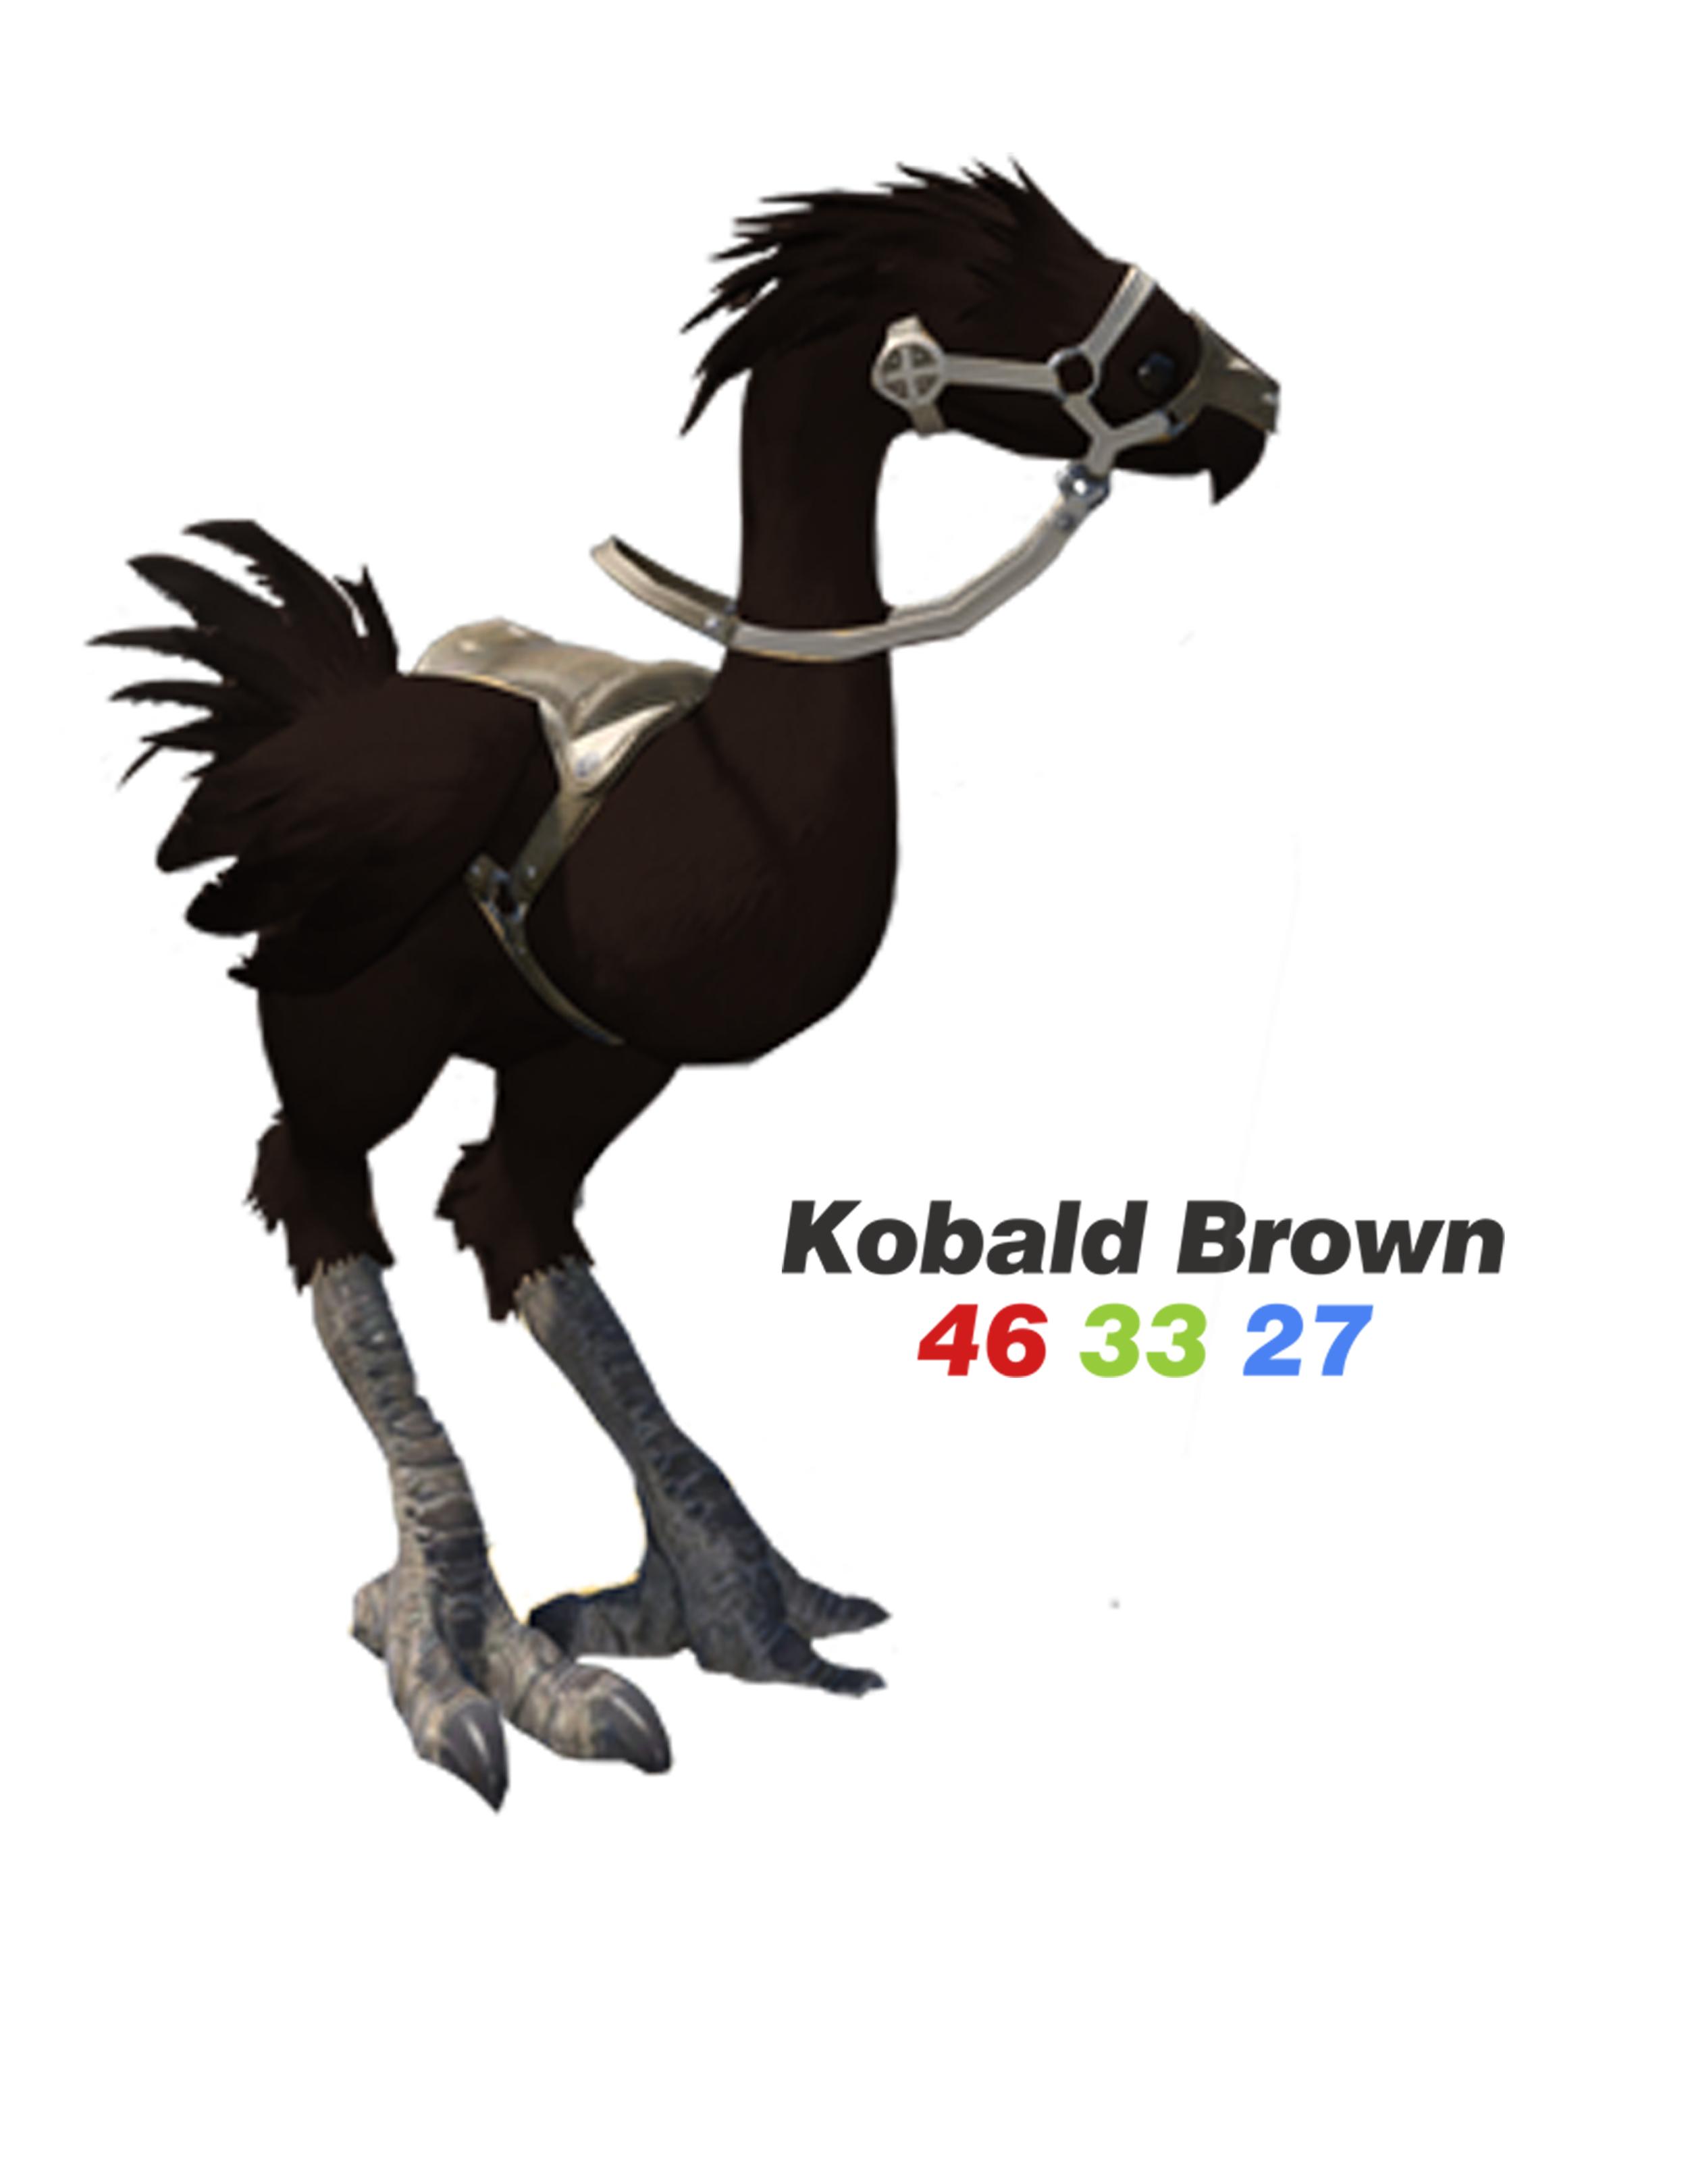 KobaldBrown.png